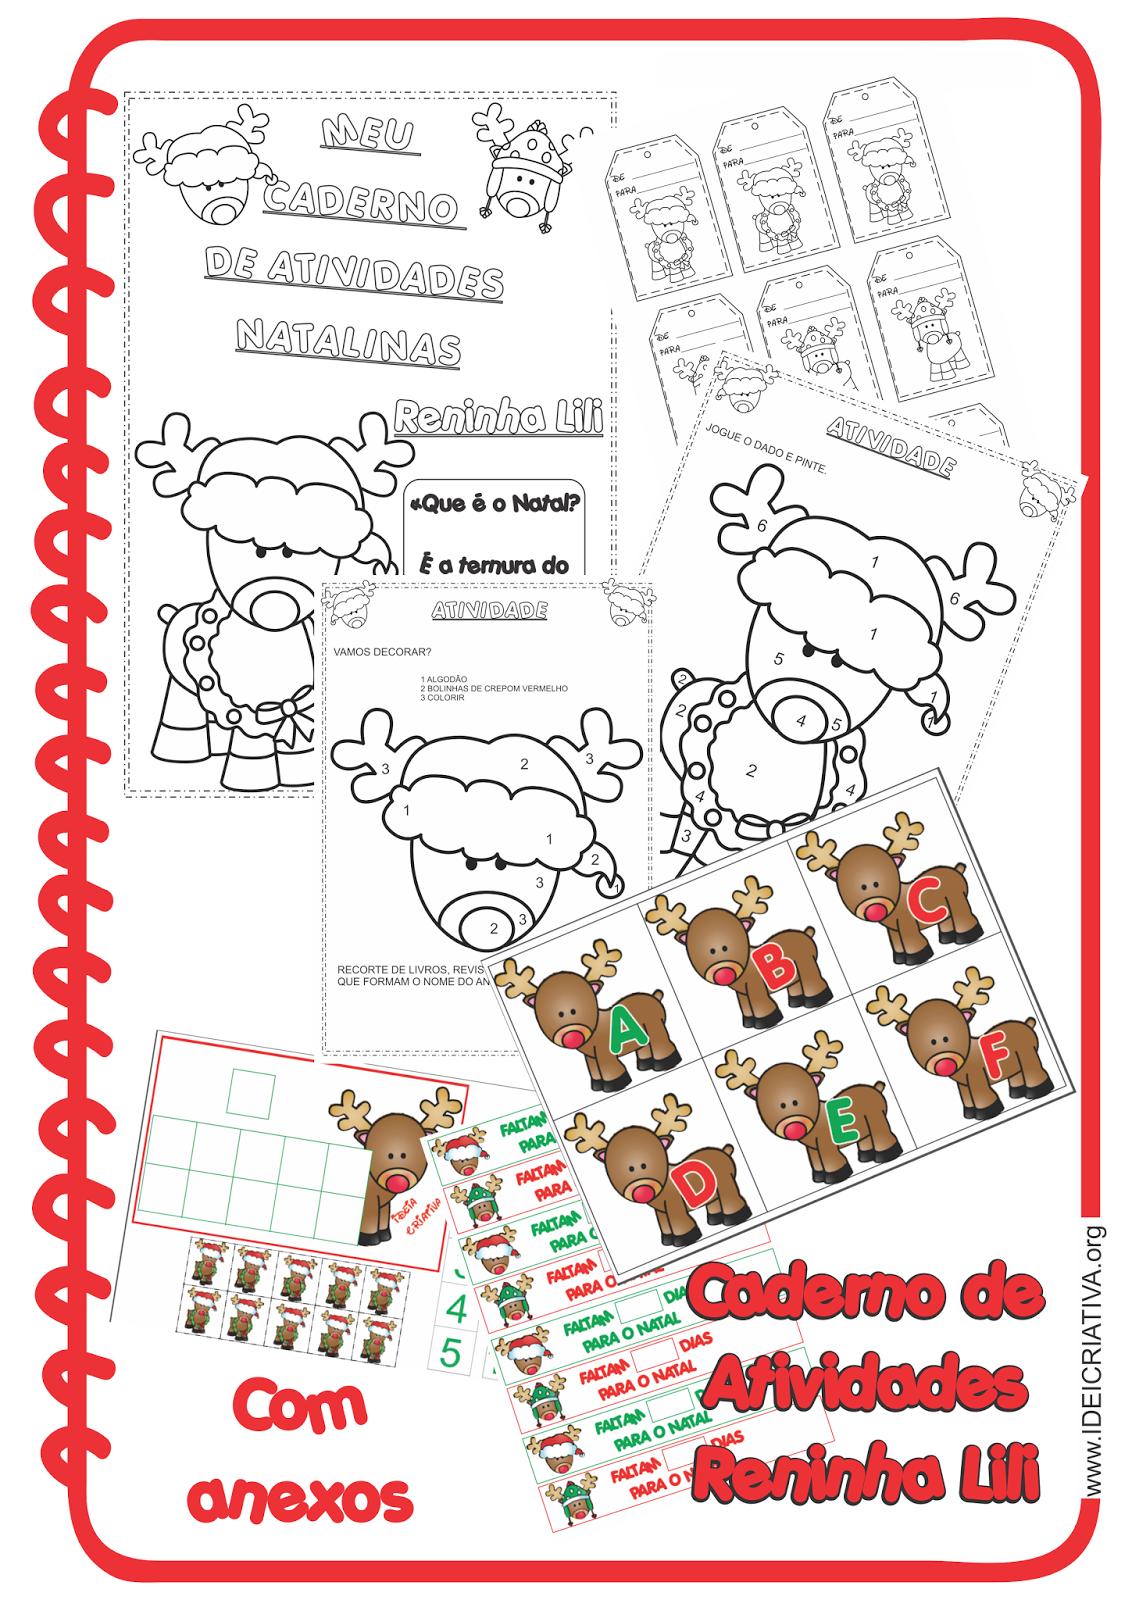 Cadernos de Atividades Natalinas Reninha Lili